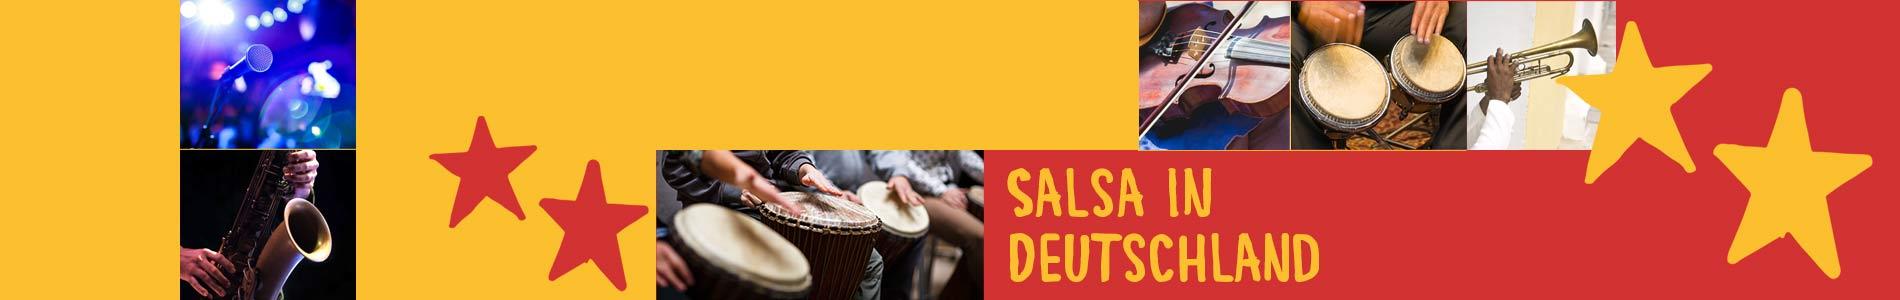 Salsa in Bürgstadt – Salsa lernen und tanzen, Tanzkurse, Partys, Veranstaltungen